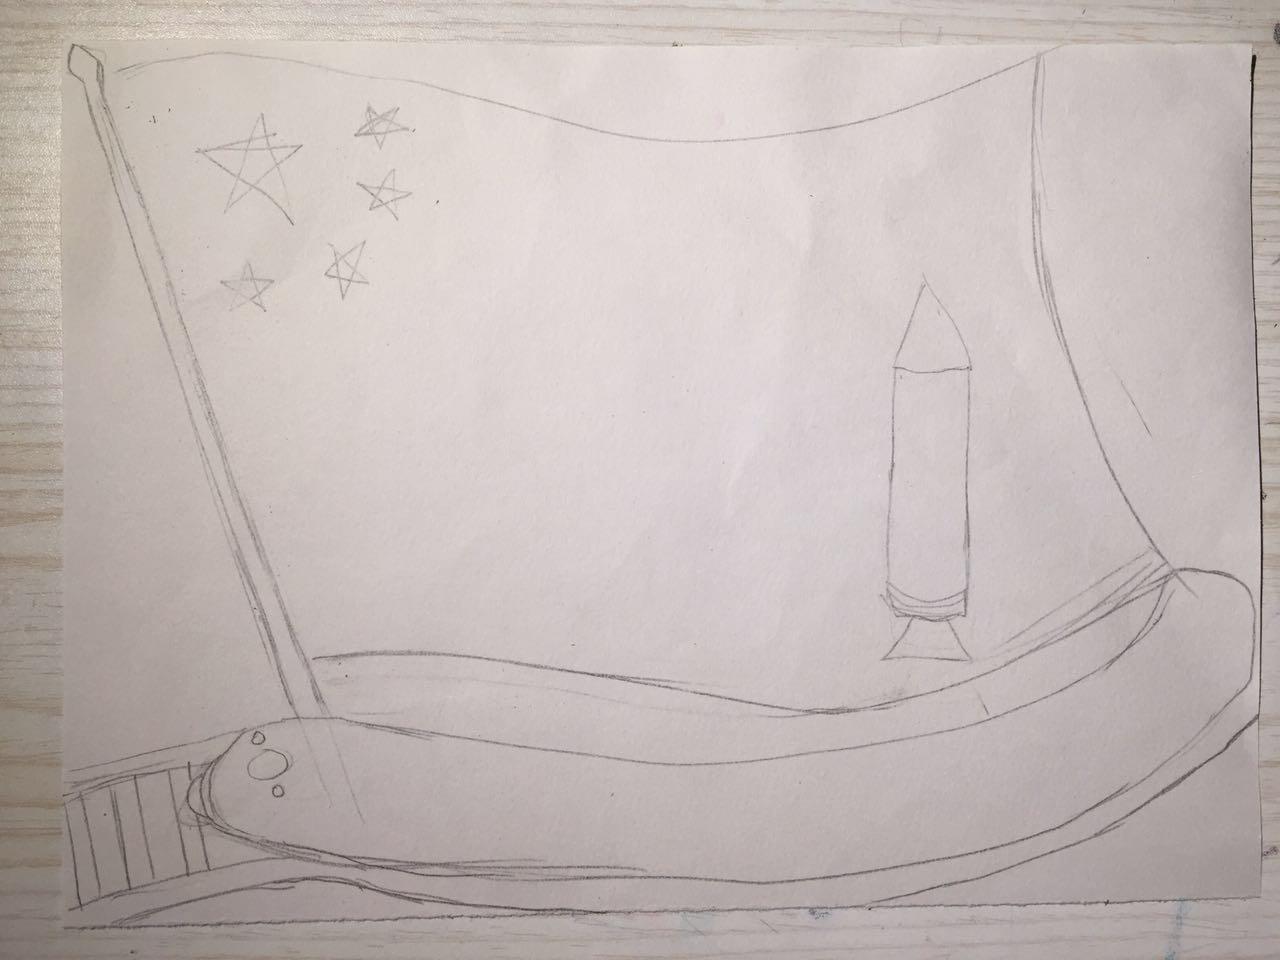 星星素描图片画法步骤